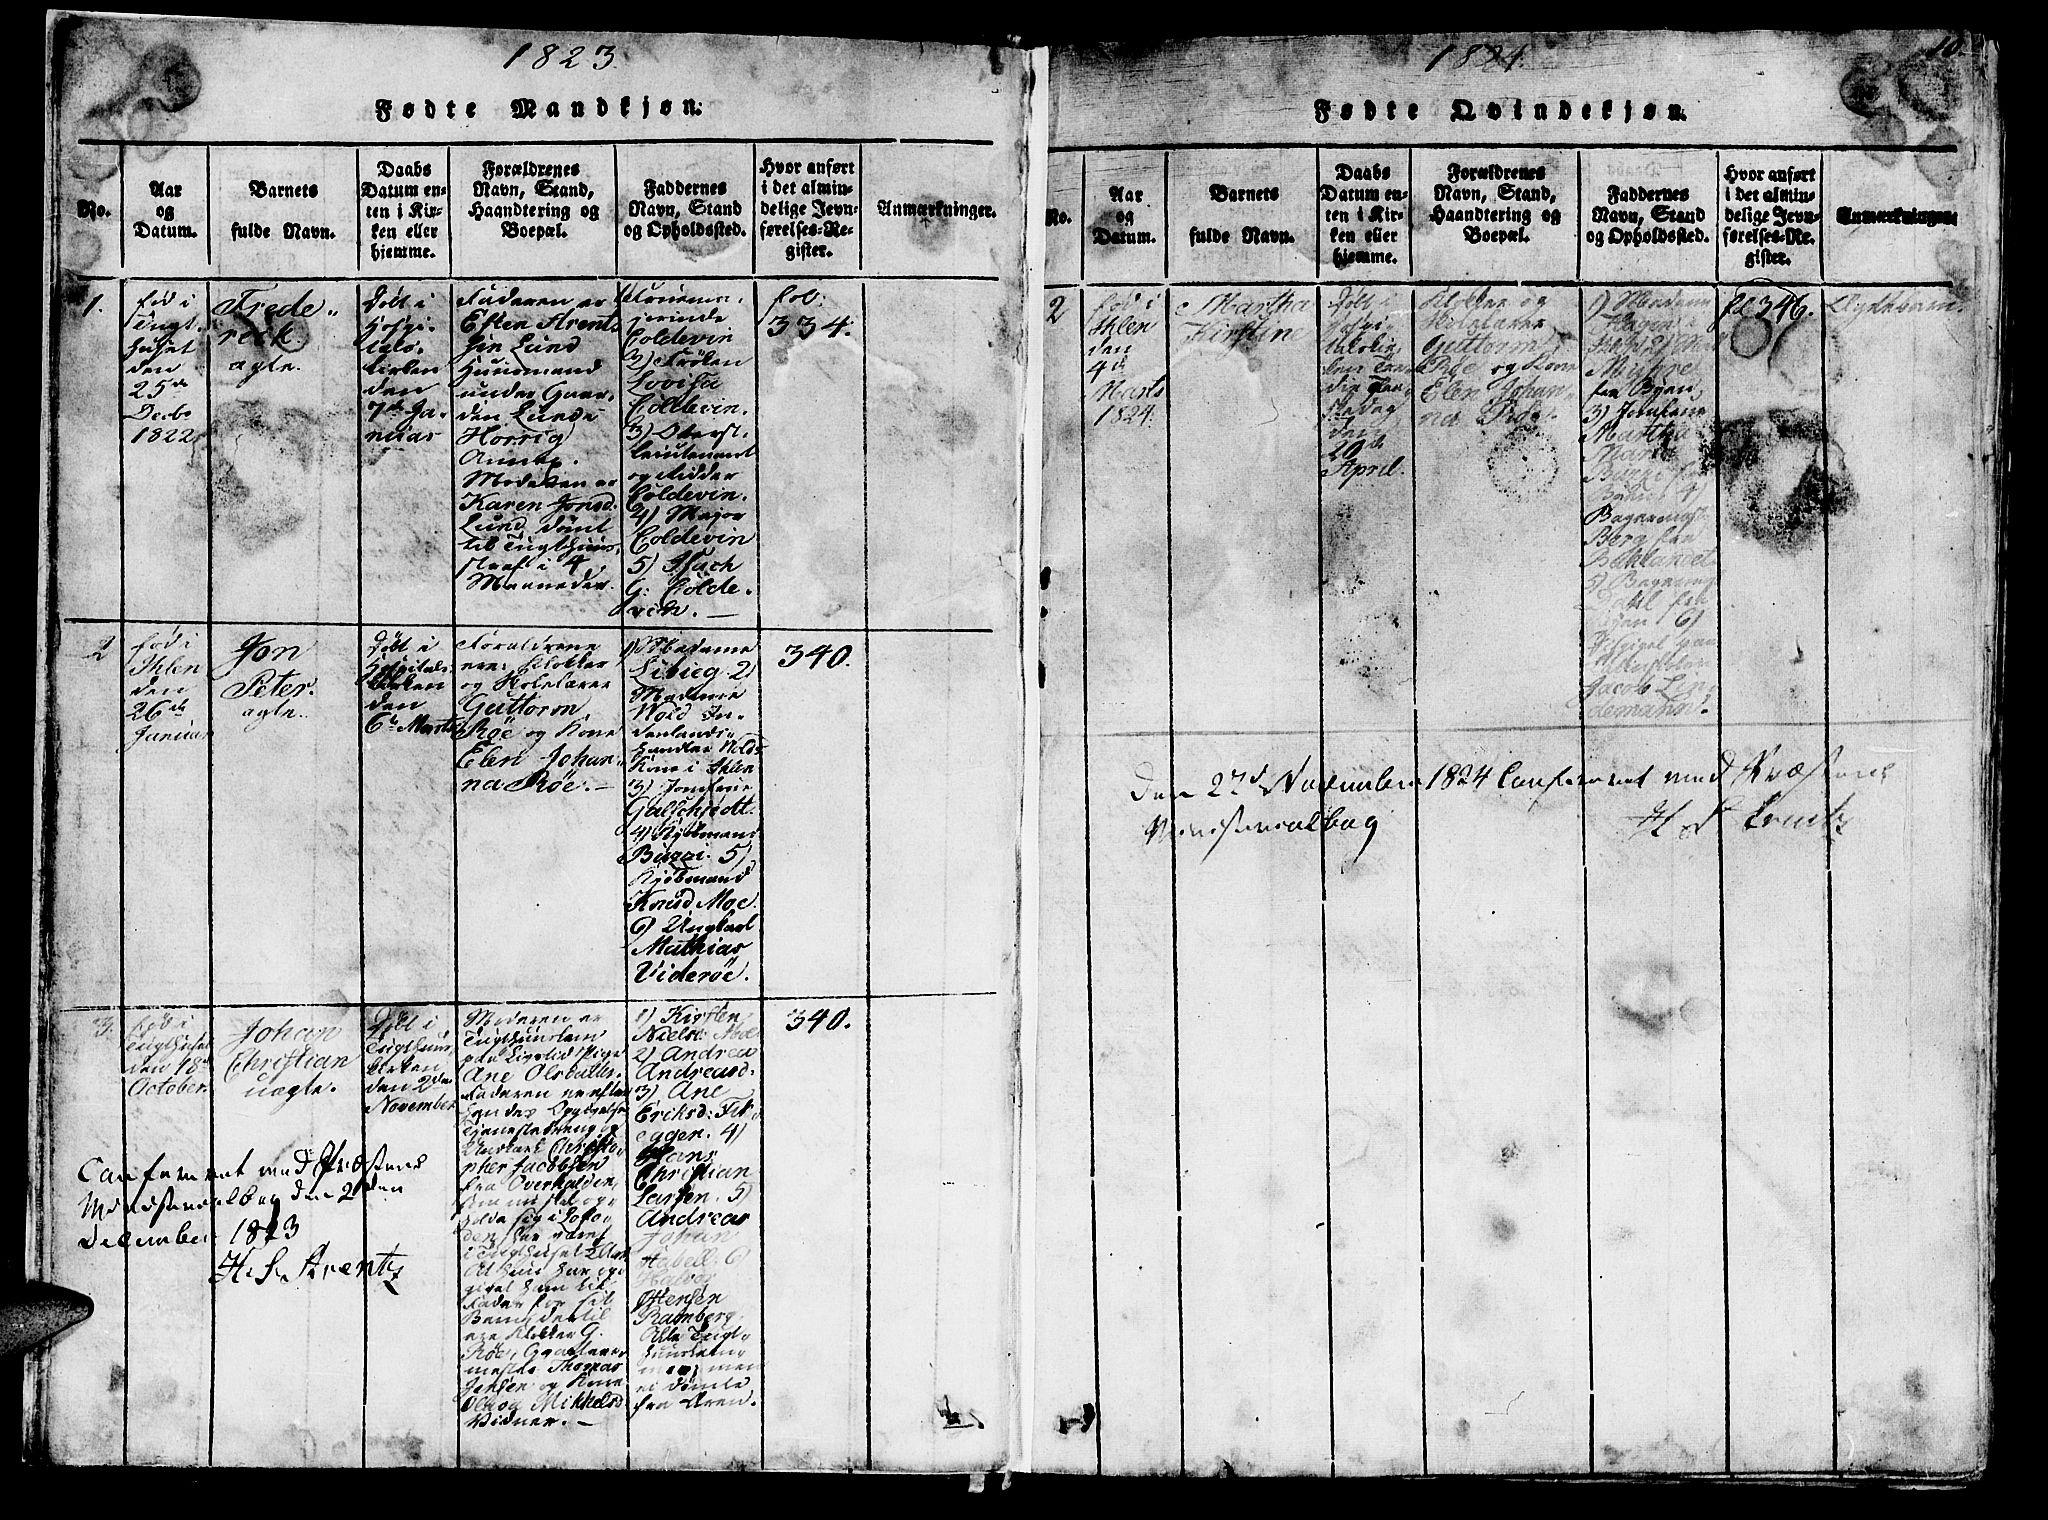 SAT, Ministerialprotokoller, klokkerbøker og fødselsregistre - Sør-Trøndelag, 623/L0478: Klokkerbok nr. 623C01, 1815-1873, s. 10